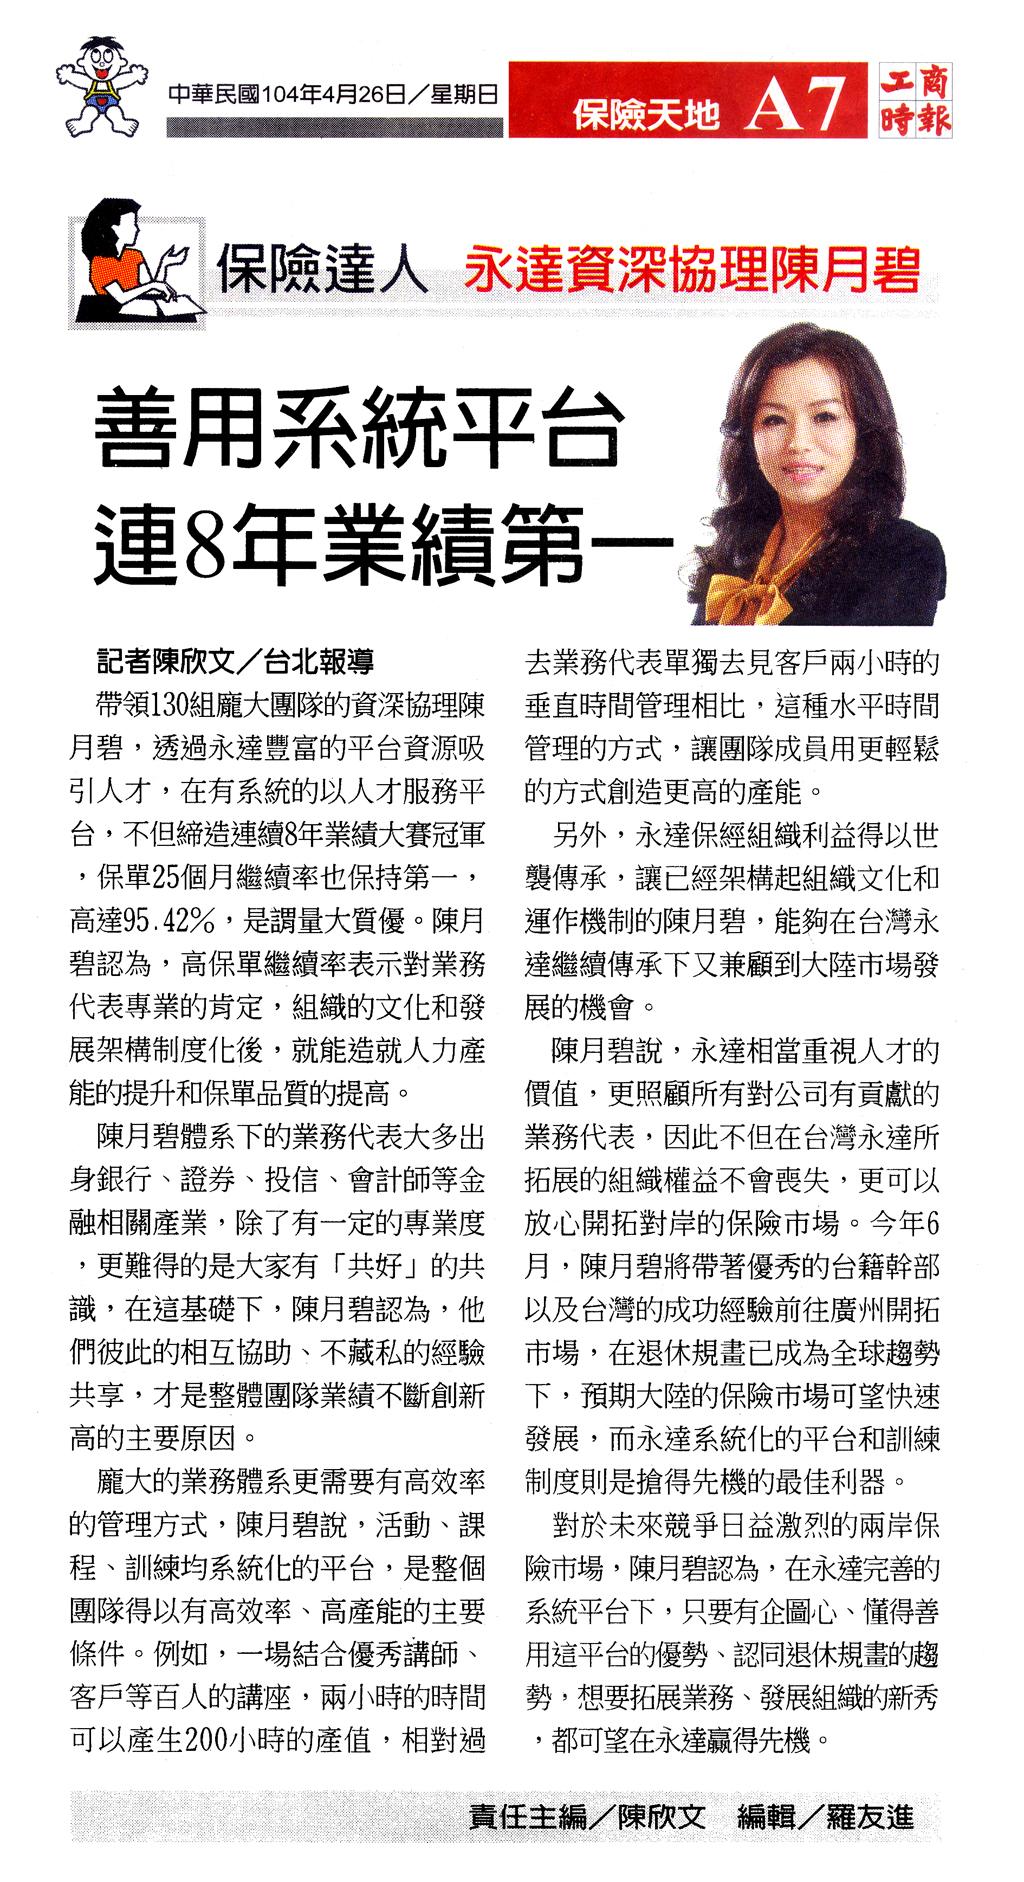 永達資深協理陳月碧 善用系統平台 連8年業績第一報導圖檔